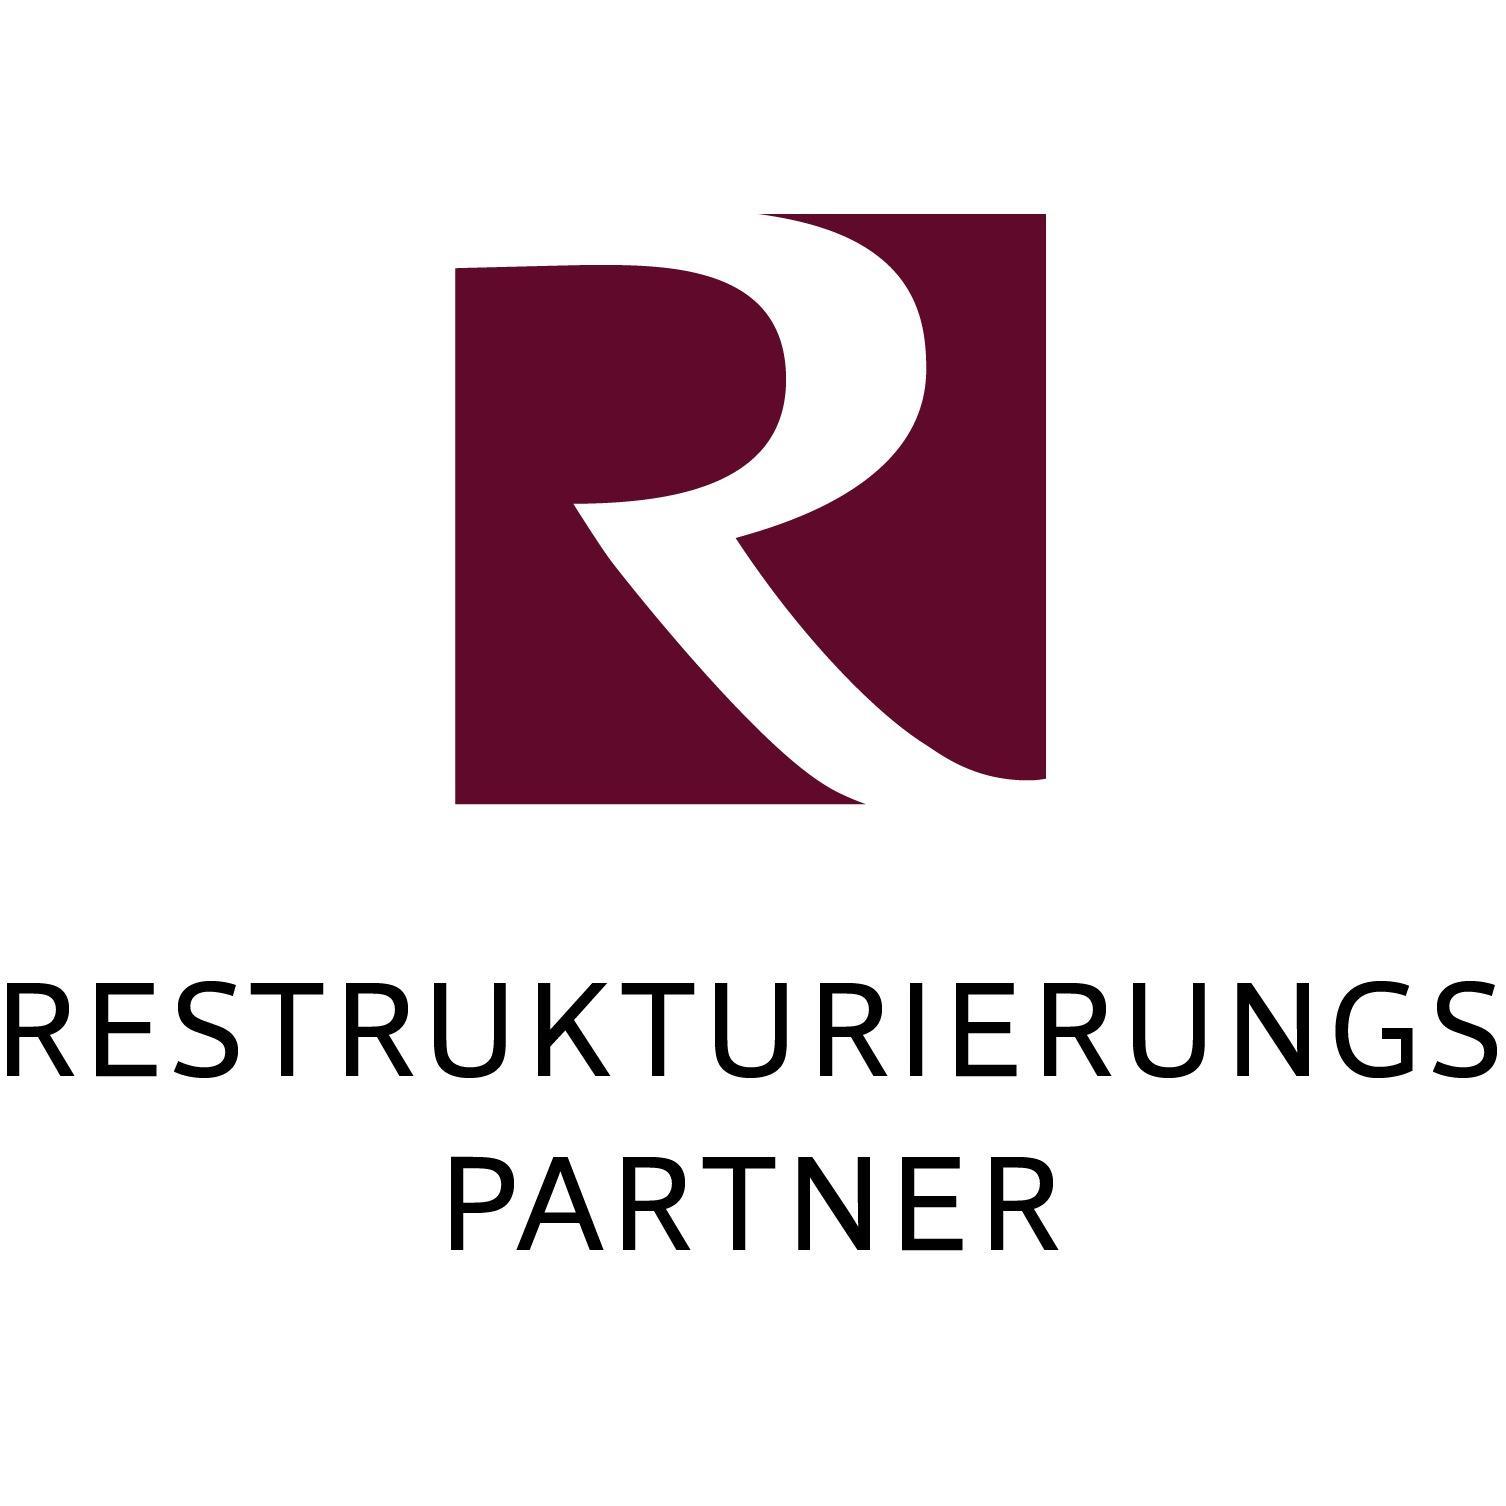 Bild zu Restrukturierungspartner jwt GmbH & Co. KG in Düsseldorf